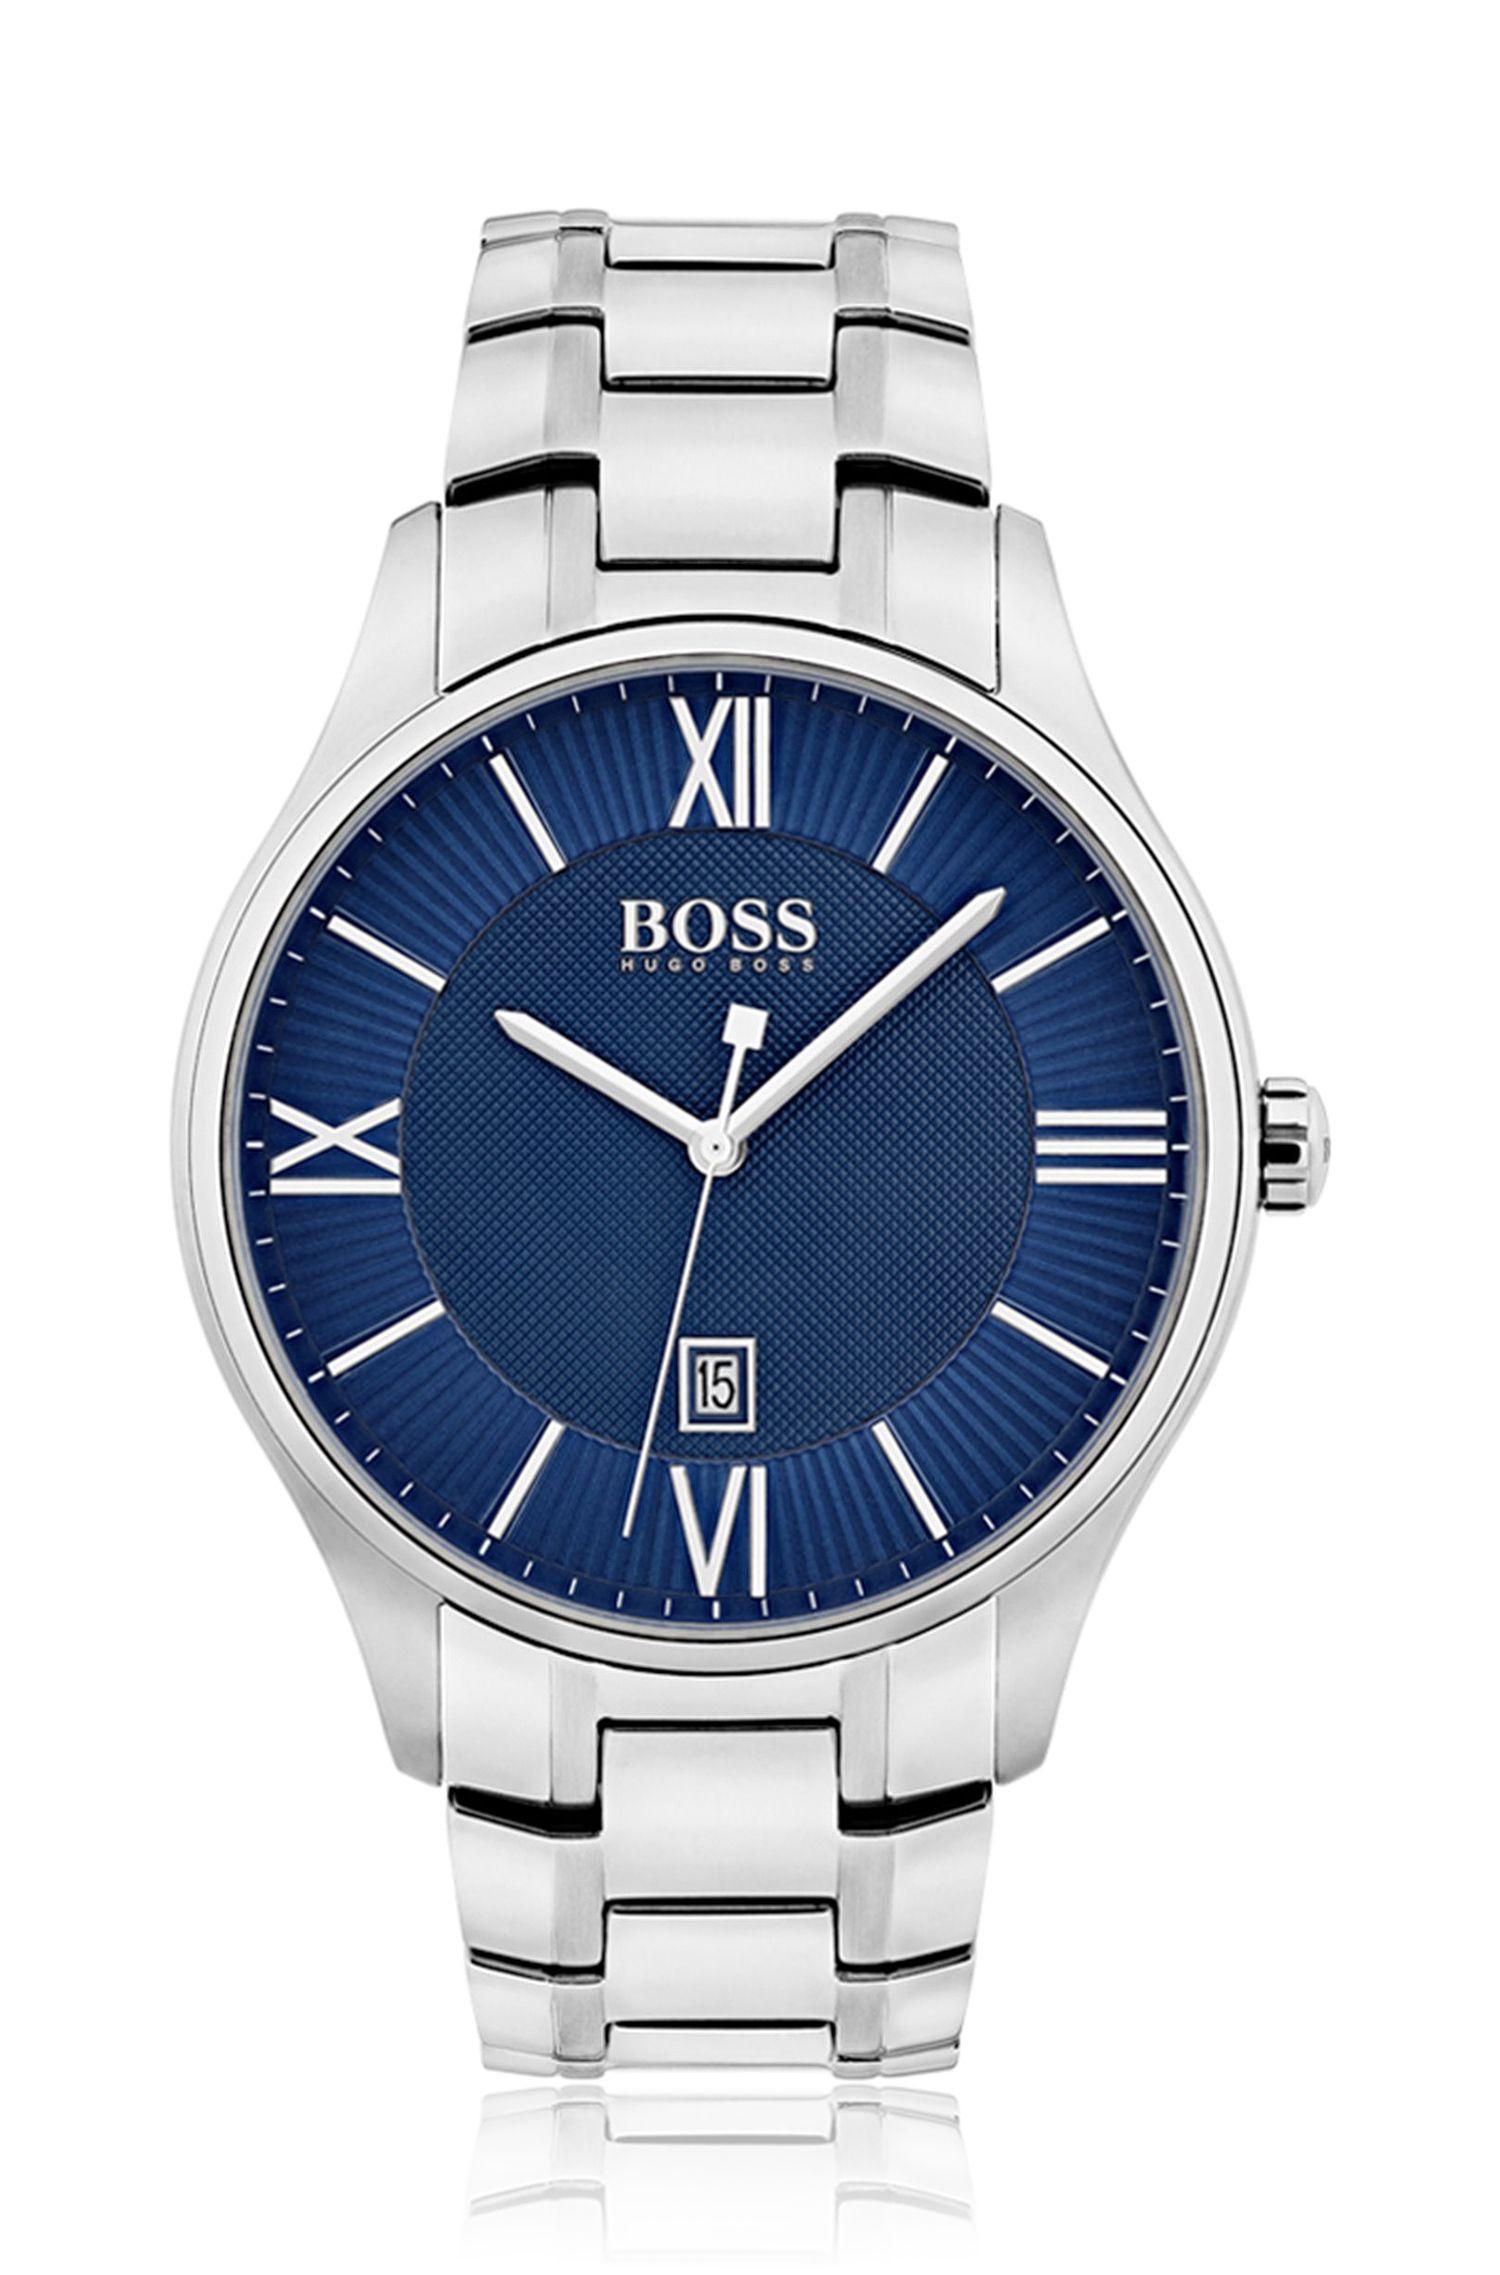 Reloj de tres manecillas con esfera azul y pulsera de acero inoxidable